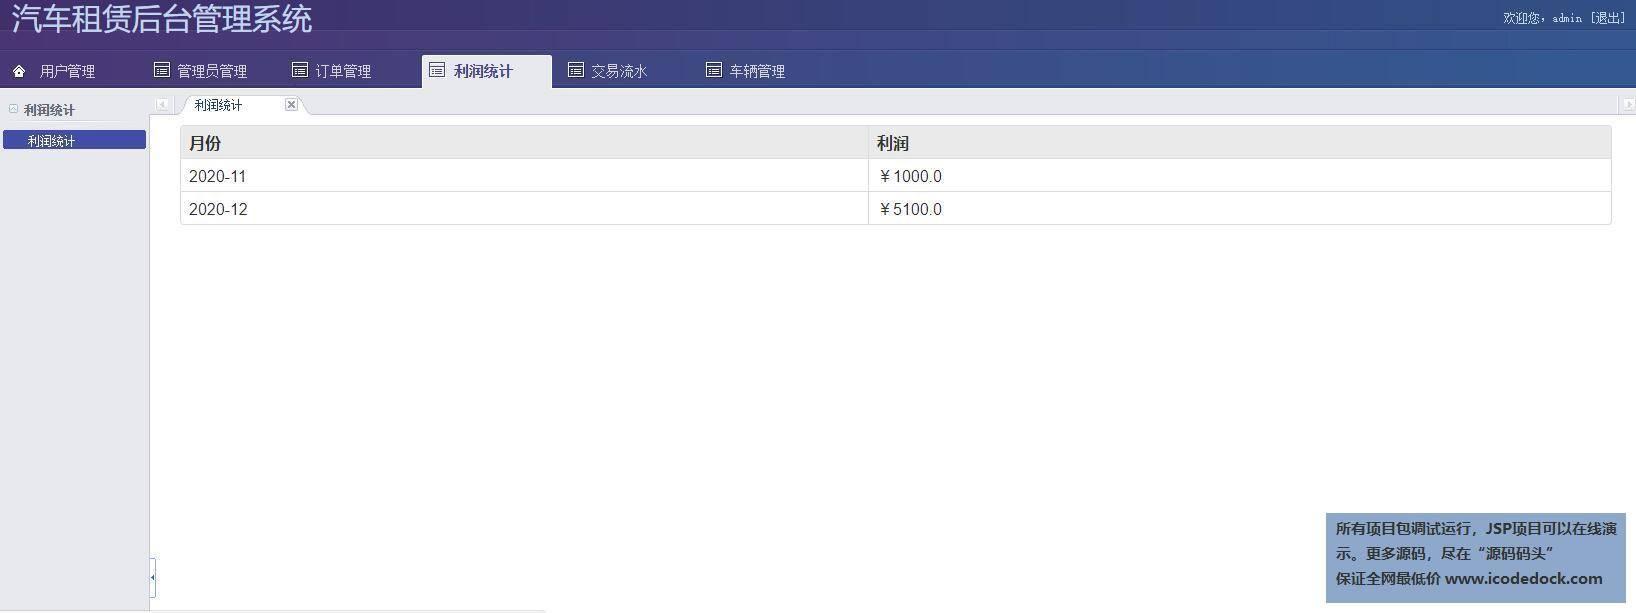 源码码头-SSH汽车出租平台租赁网站平台-管理员角色-利润统计